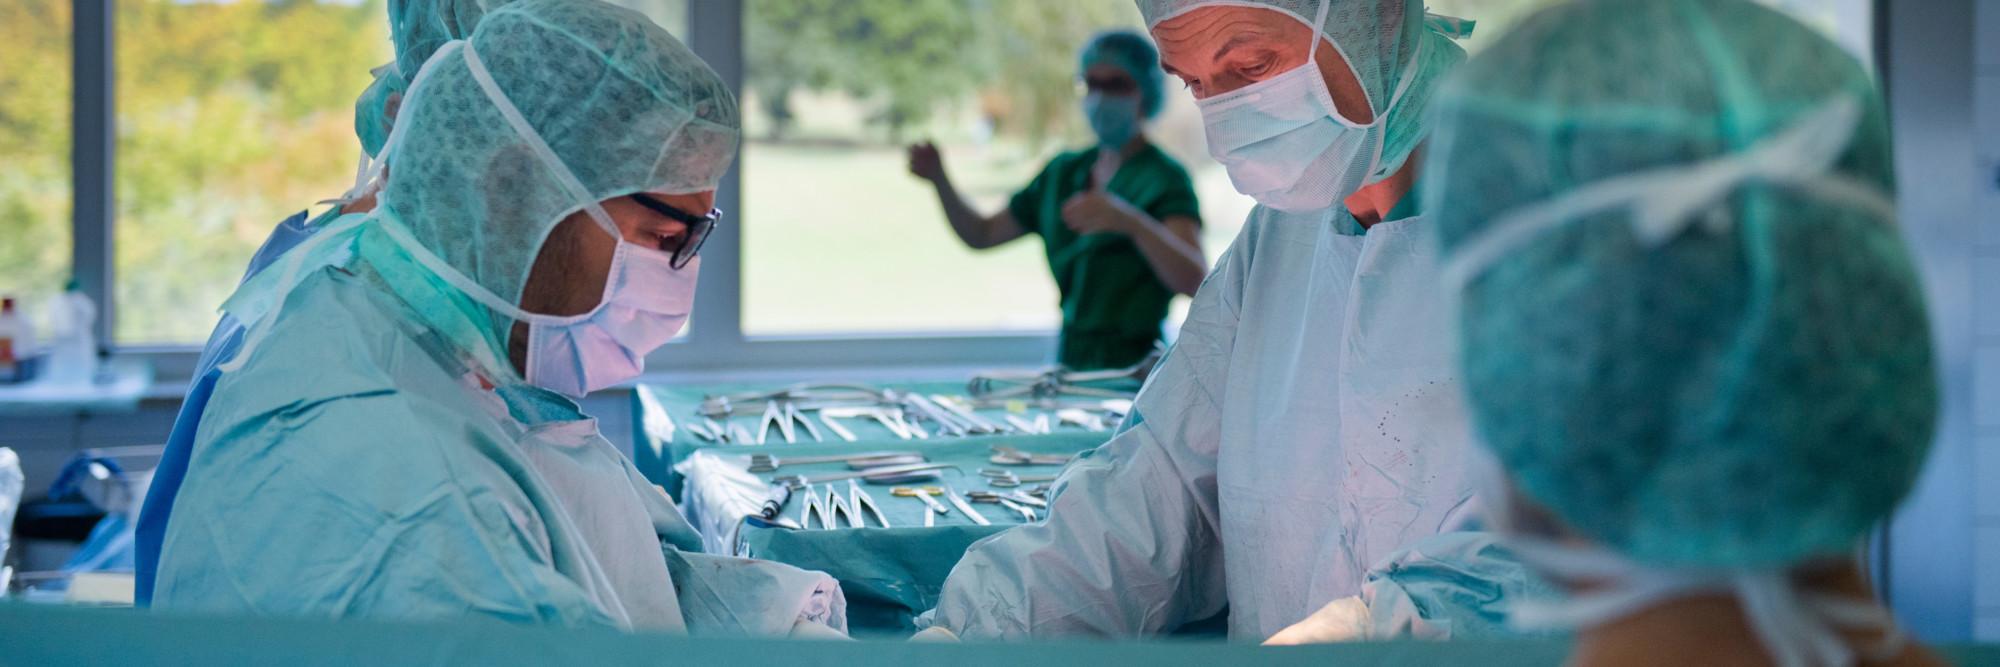 Das Team der Klinik für Allgemein-, Viszeral- und spezielle Viszeralchirurgie bei einer Operation.